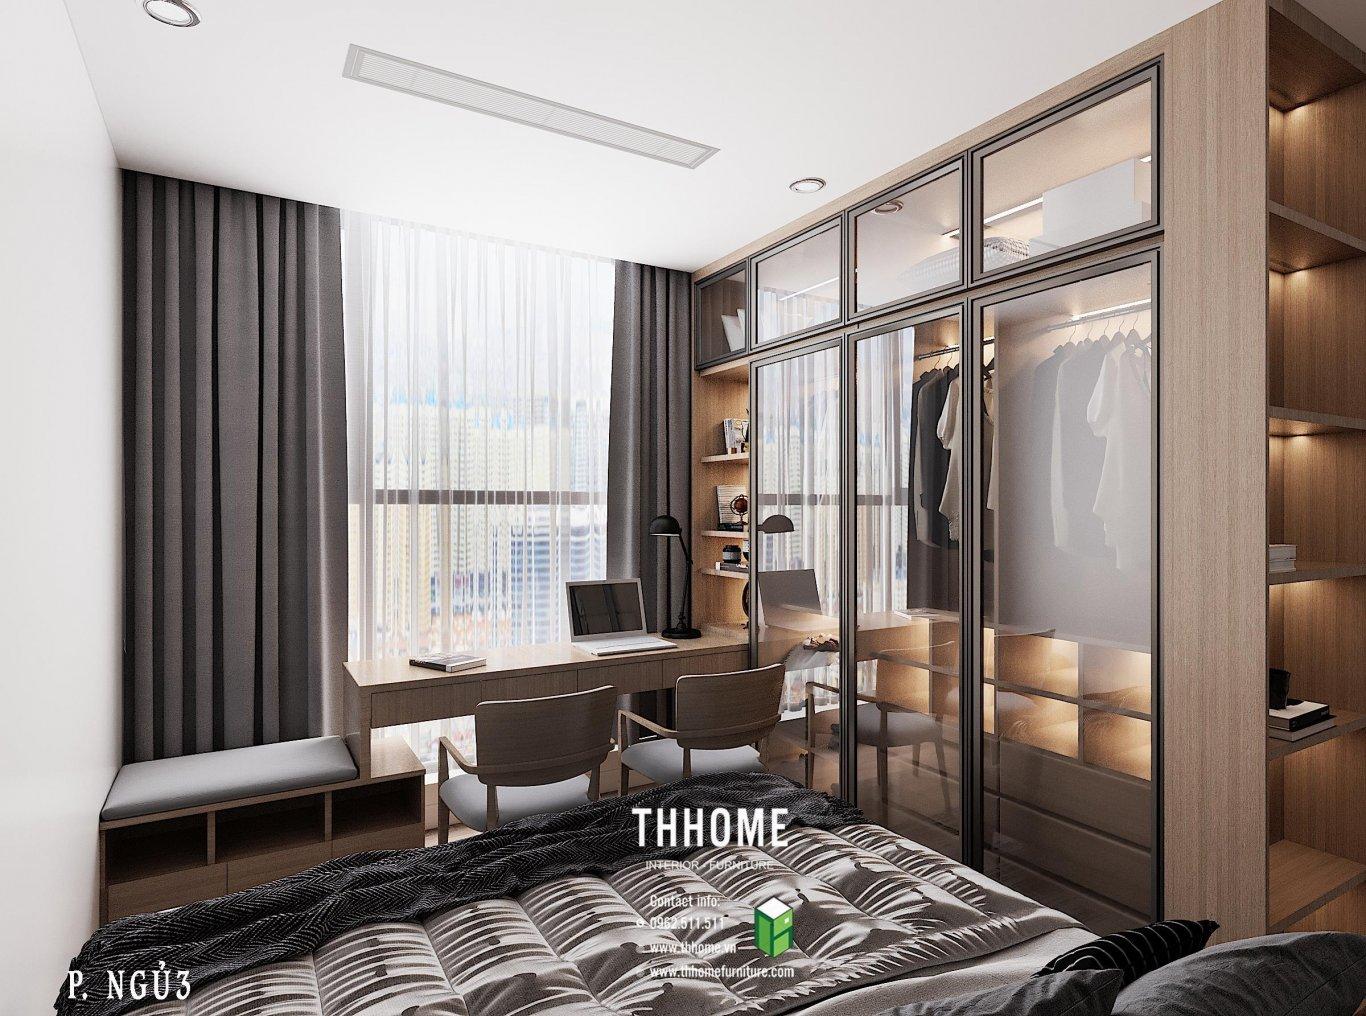 Thiết kế độc lạ từ căn phòng ngủ thứ 3 với khoảng view làm việc đầy sáng tạo